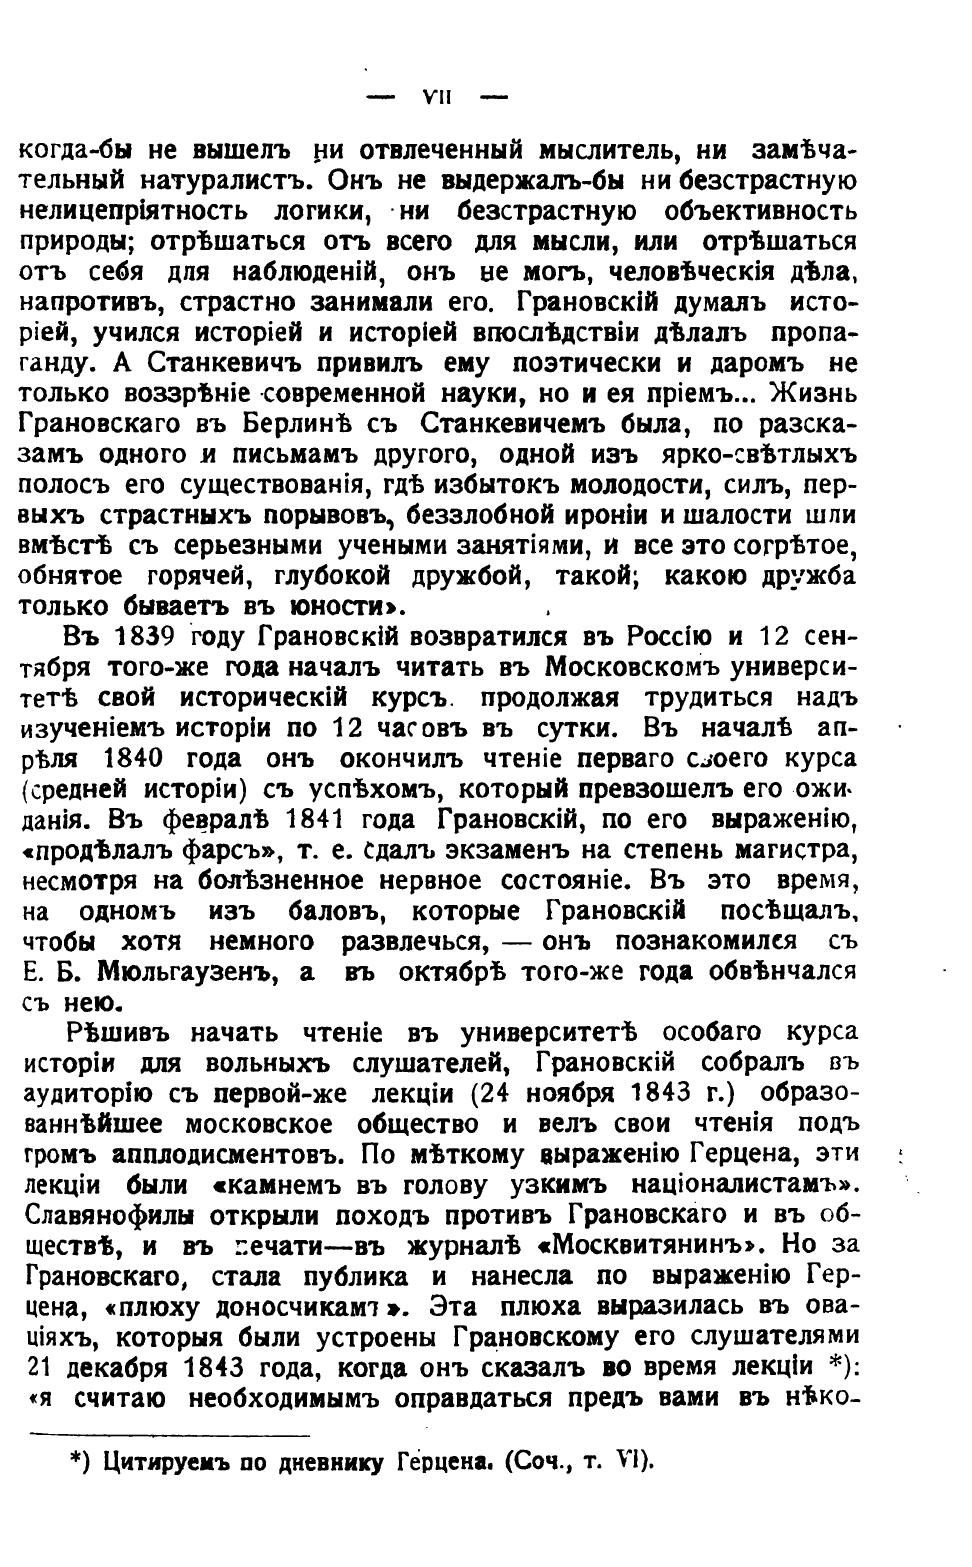 http://i6.imageban.ru/out/2014/11/09/f548c3cf62aedf84bb9db8bfa6e44dd1.jpg